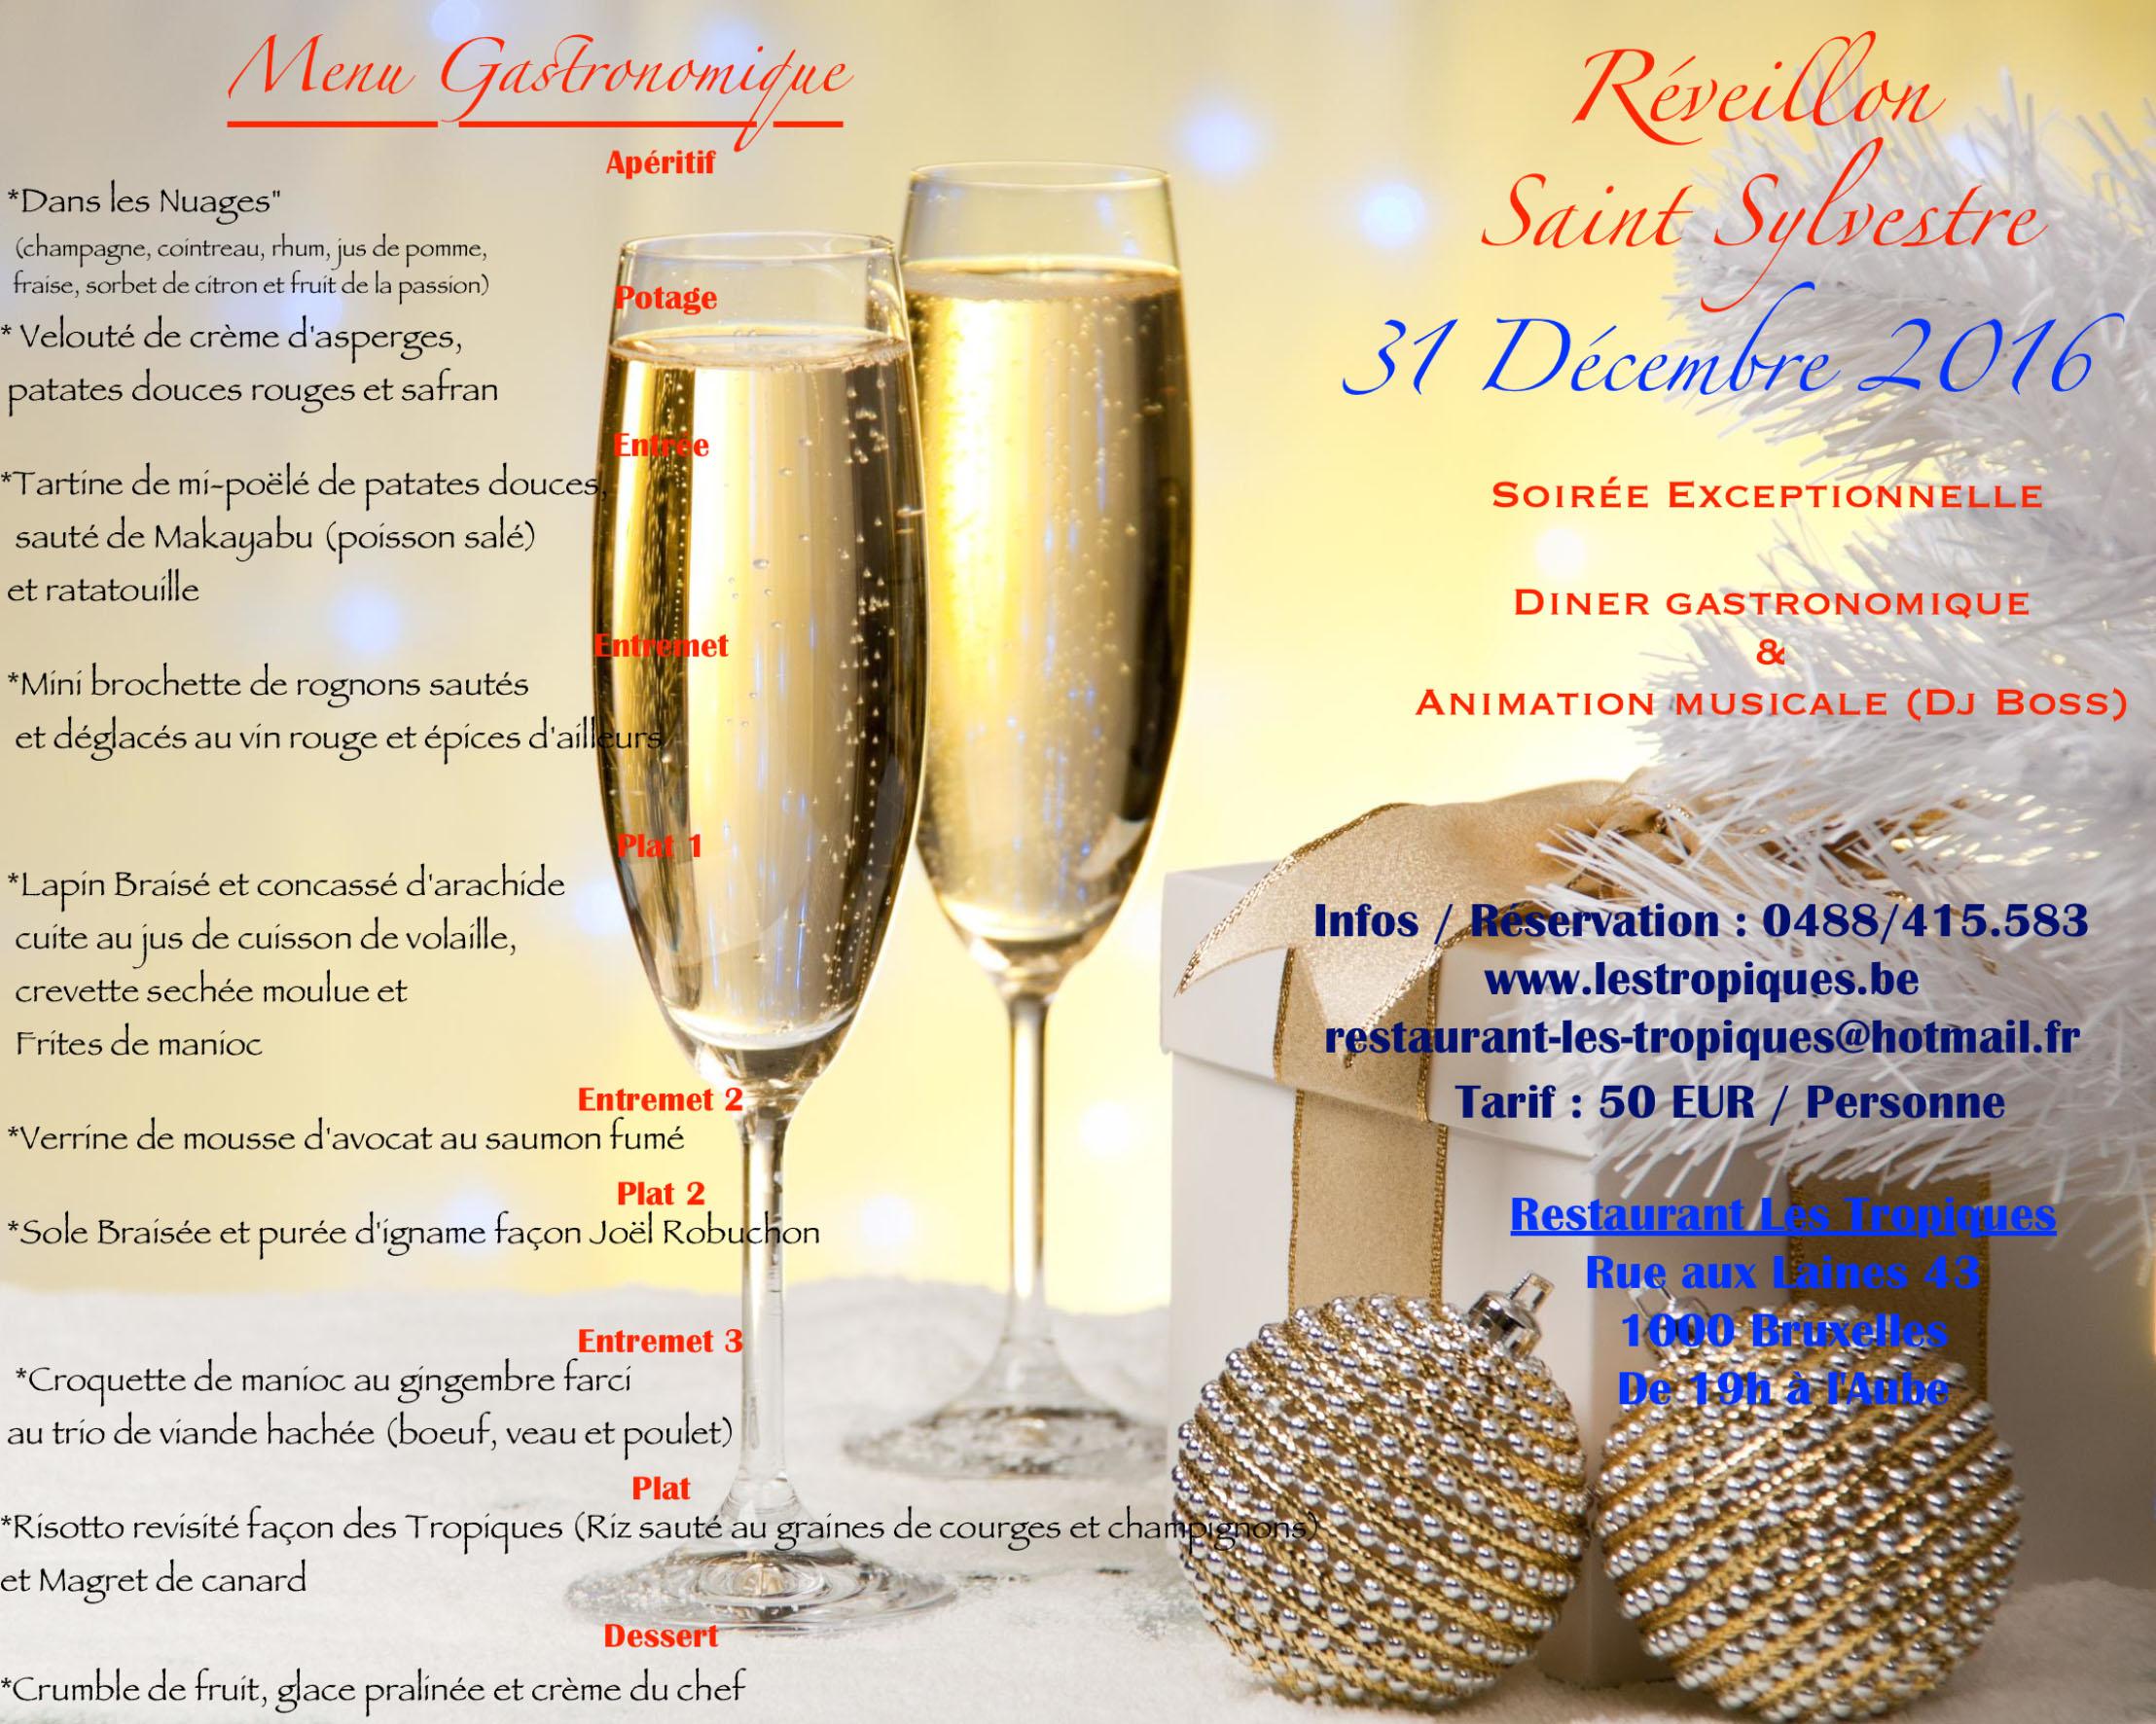 Réveillon Saint Sylvestre 2017 / New Year's Eve 2017